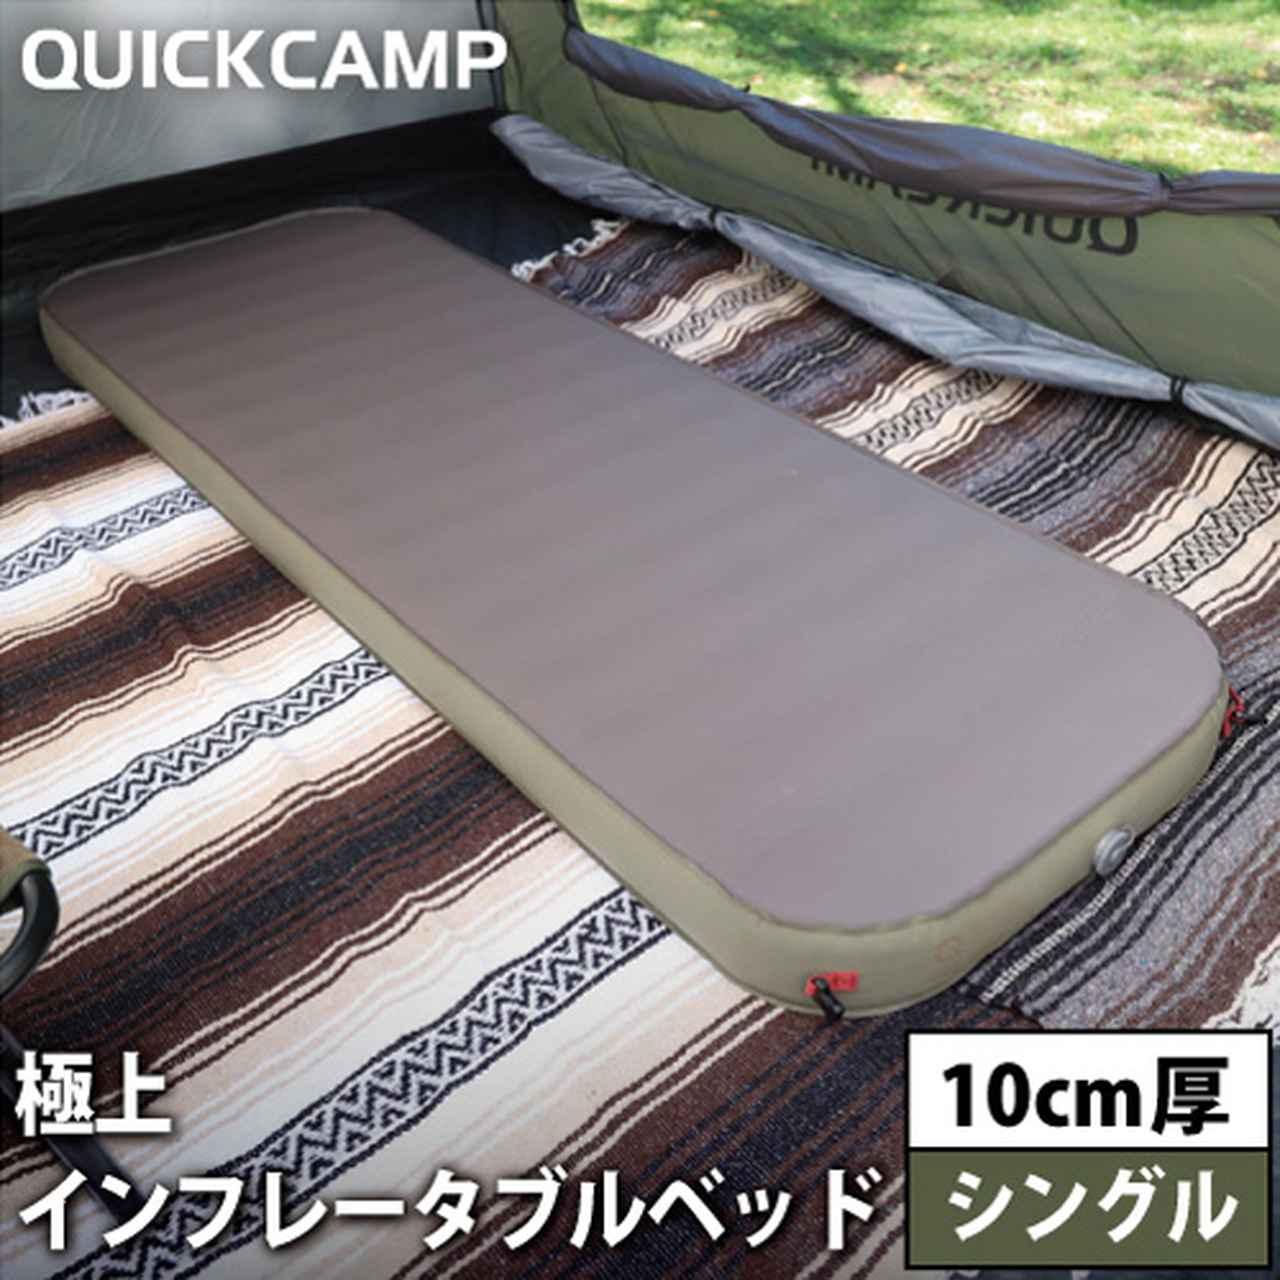 画像1: QUICKCAMP(クイックキャンプ)から「ベッドのような寝心地」の快適極厚マットが登場!